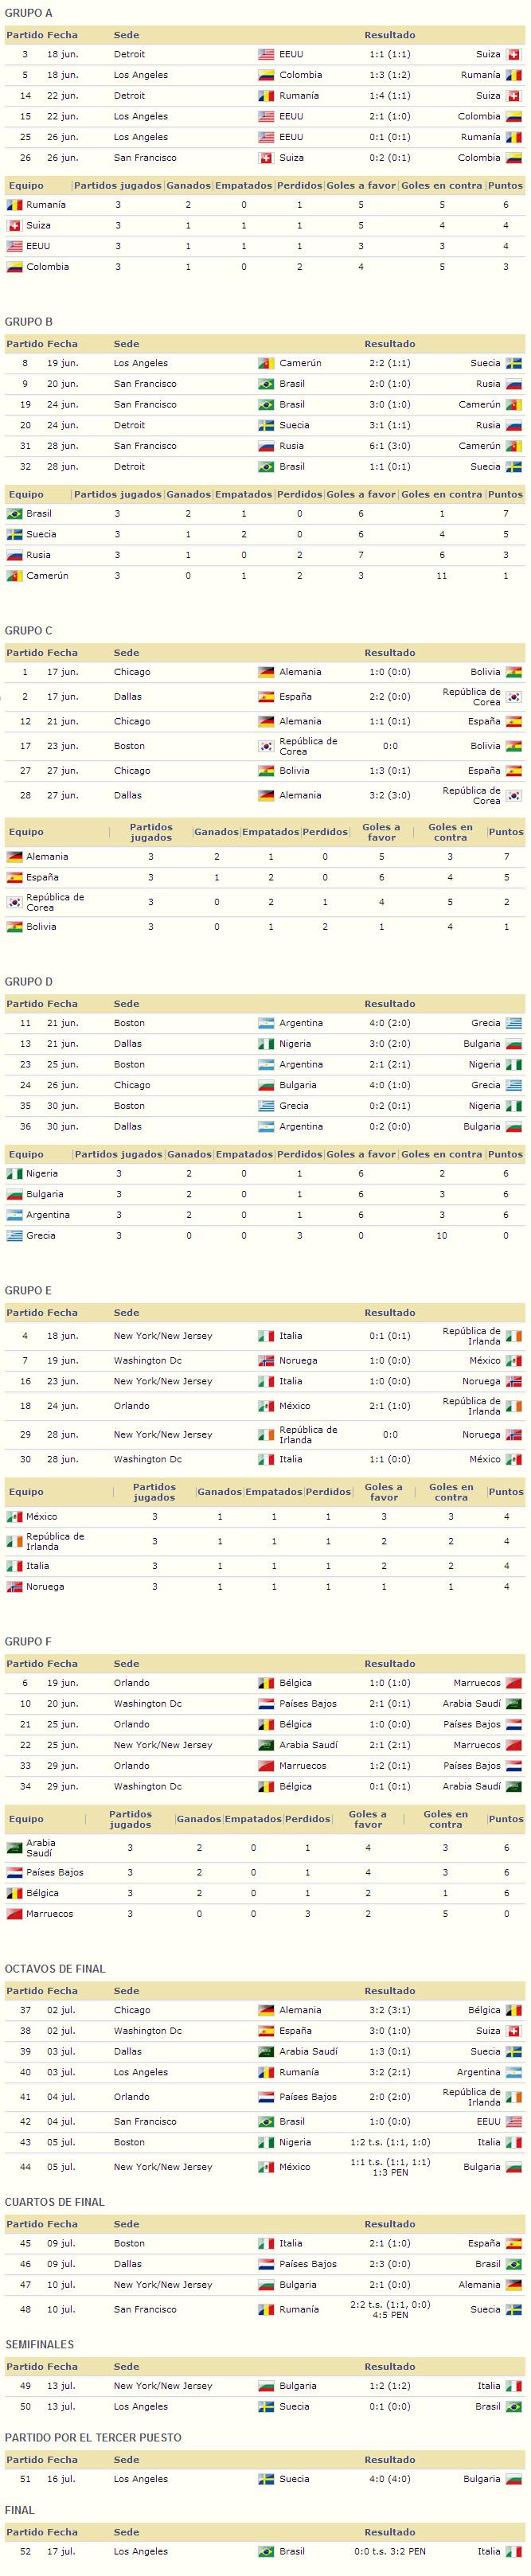 Mundial Estados Unidos 1994 resultados